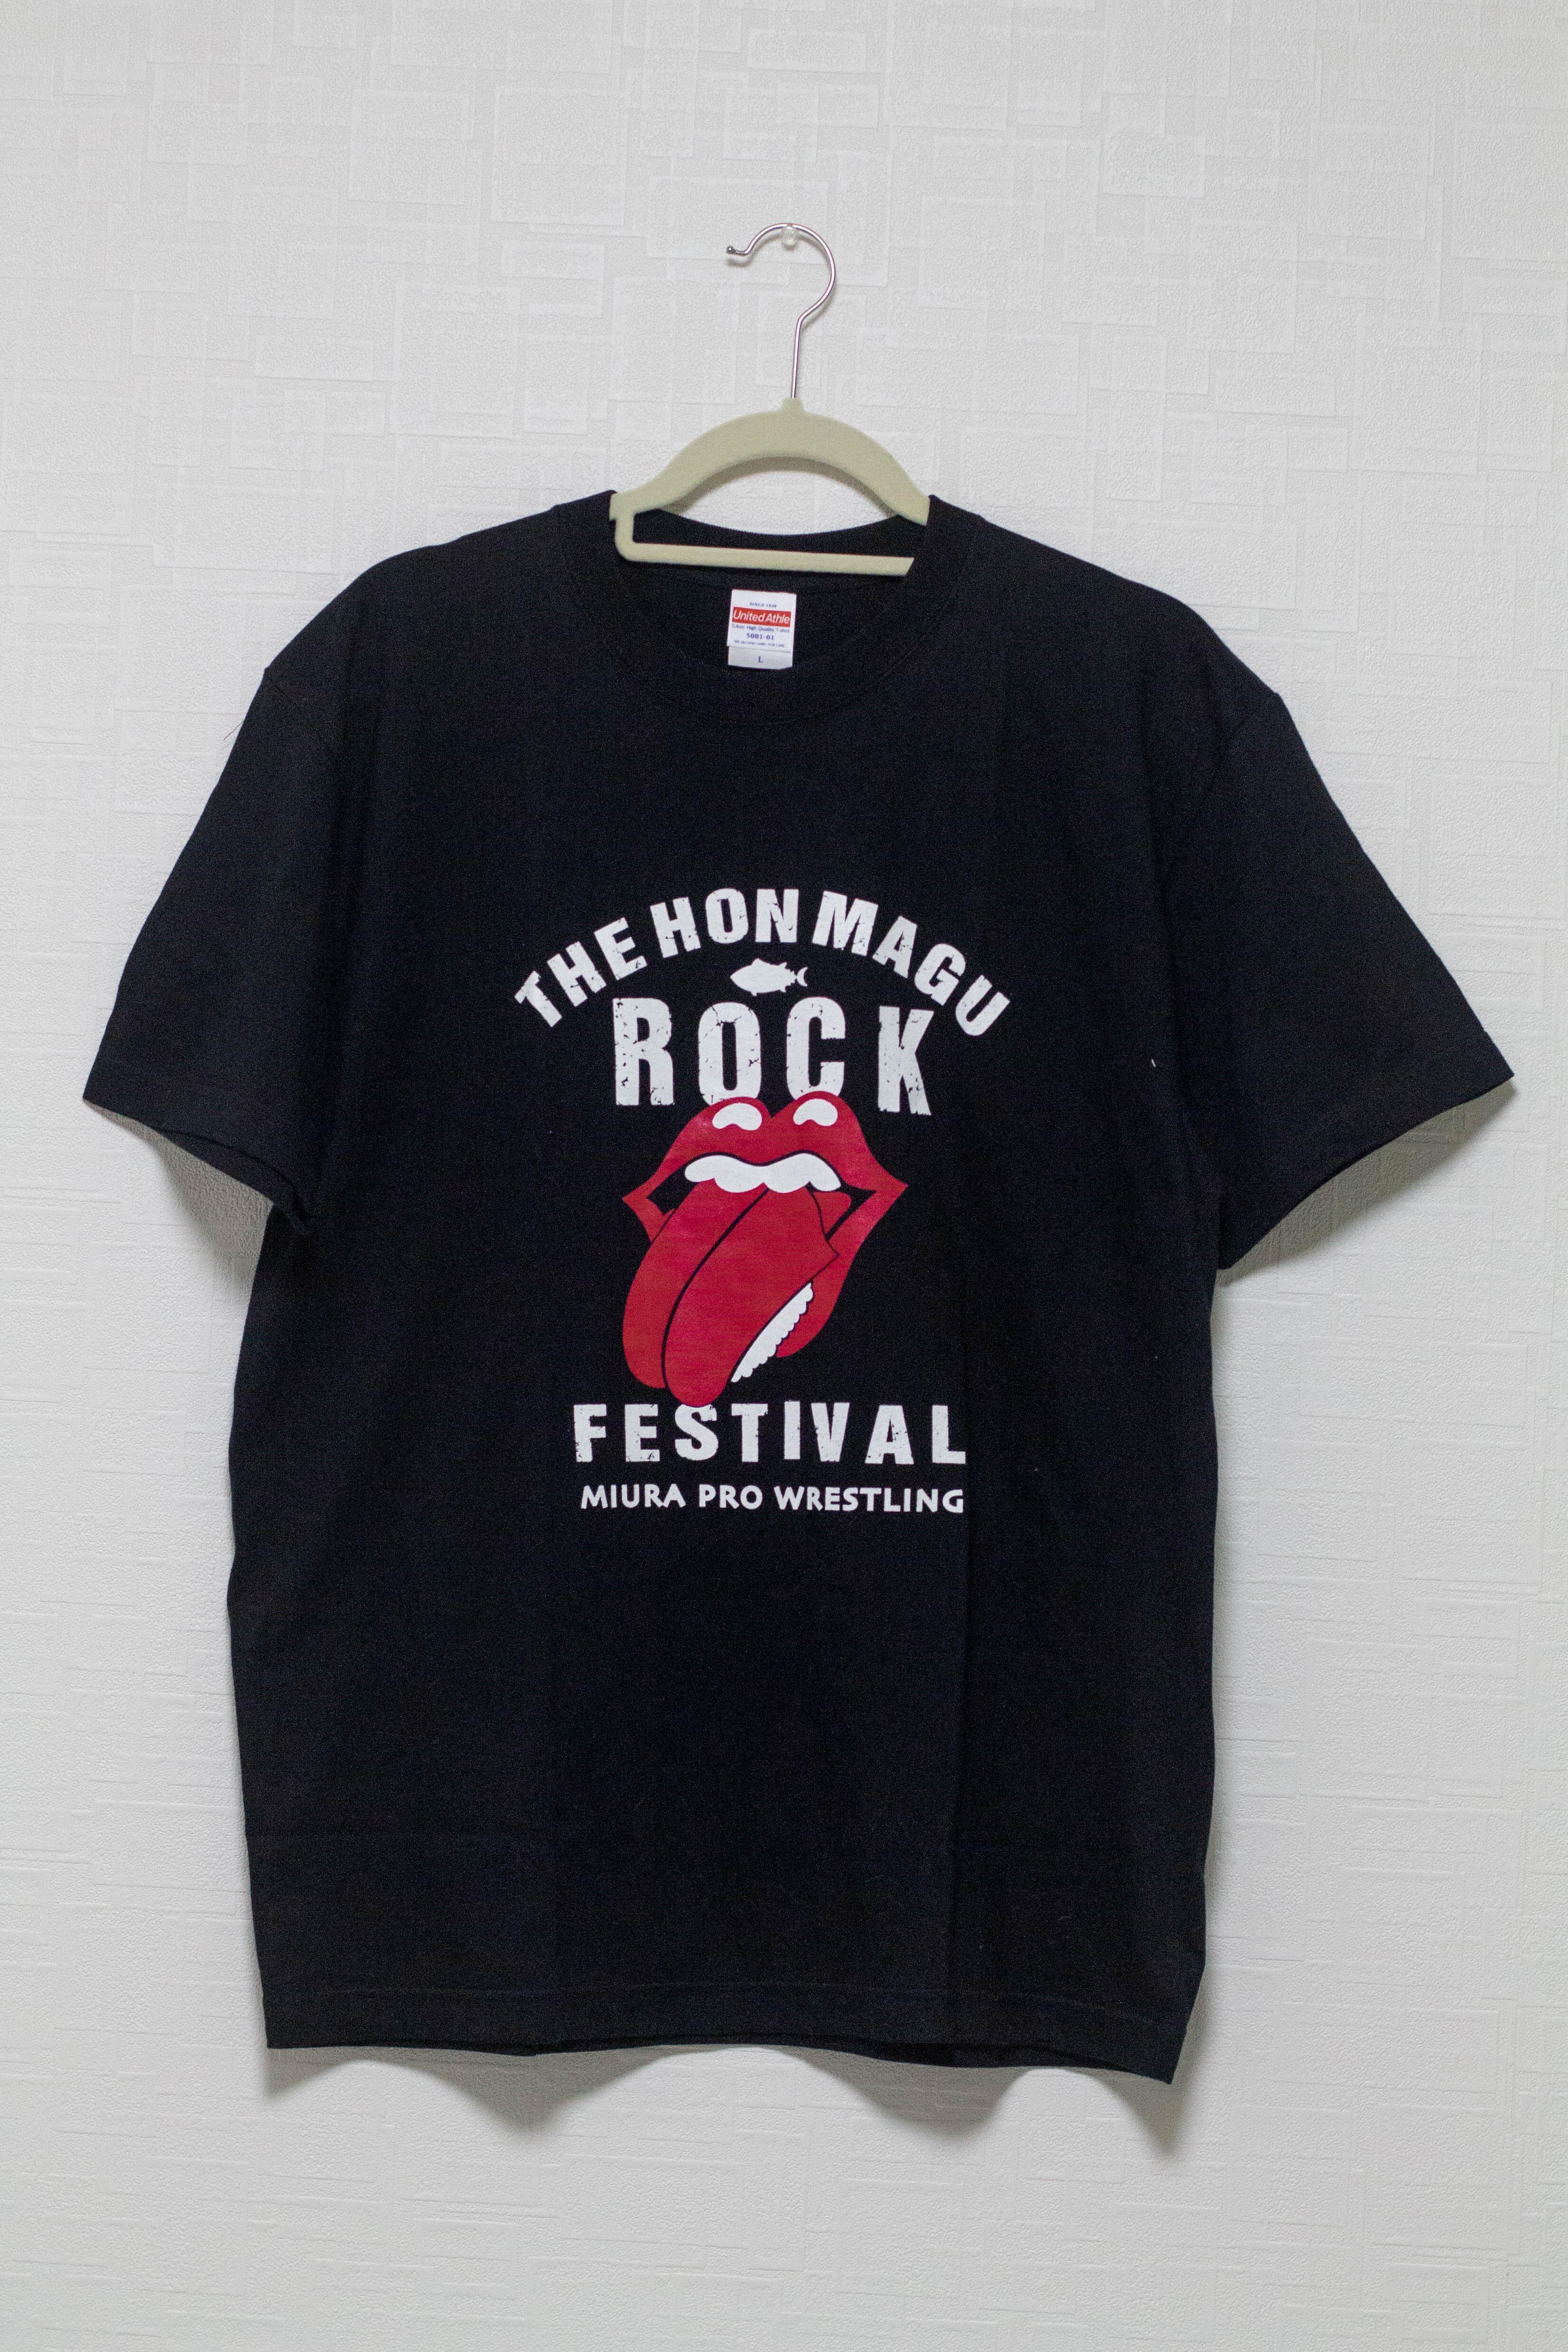 三浦プロレス ザ本マグロックTシャツ